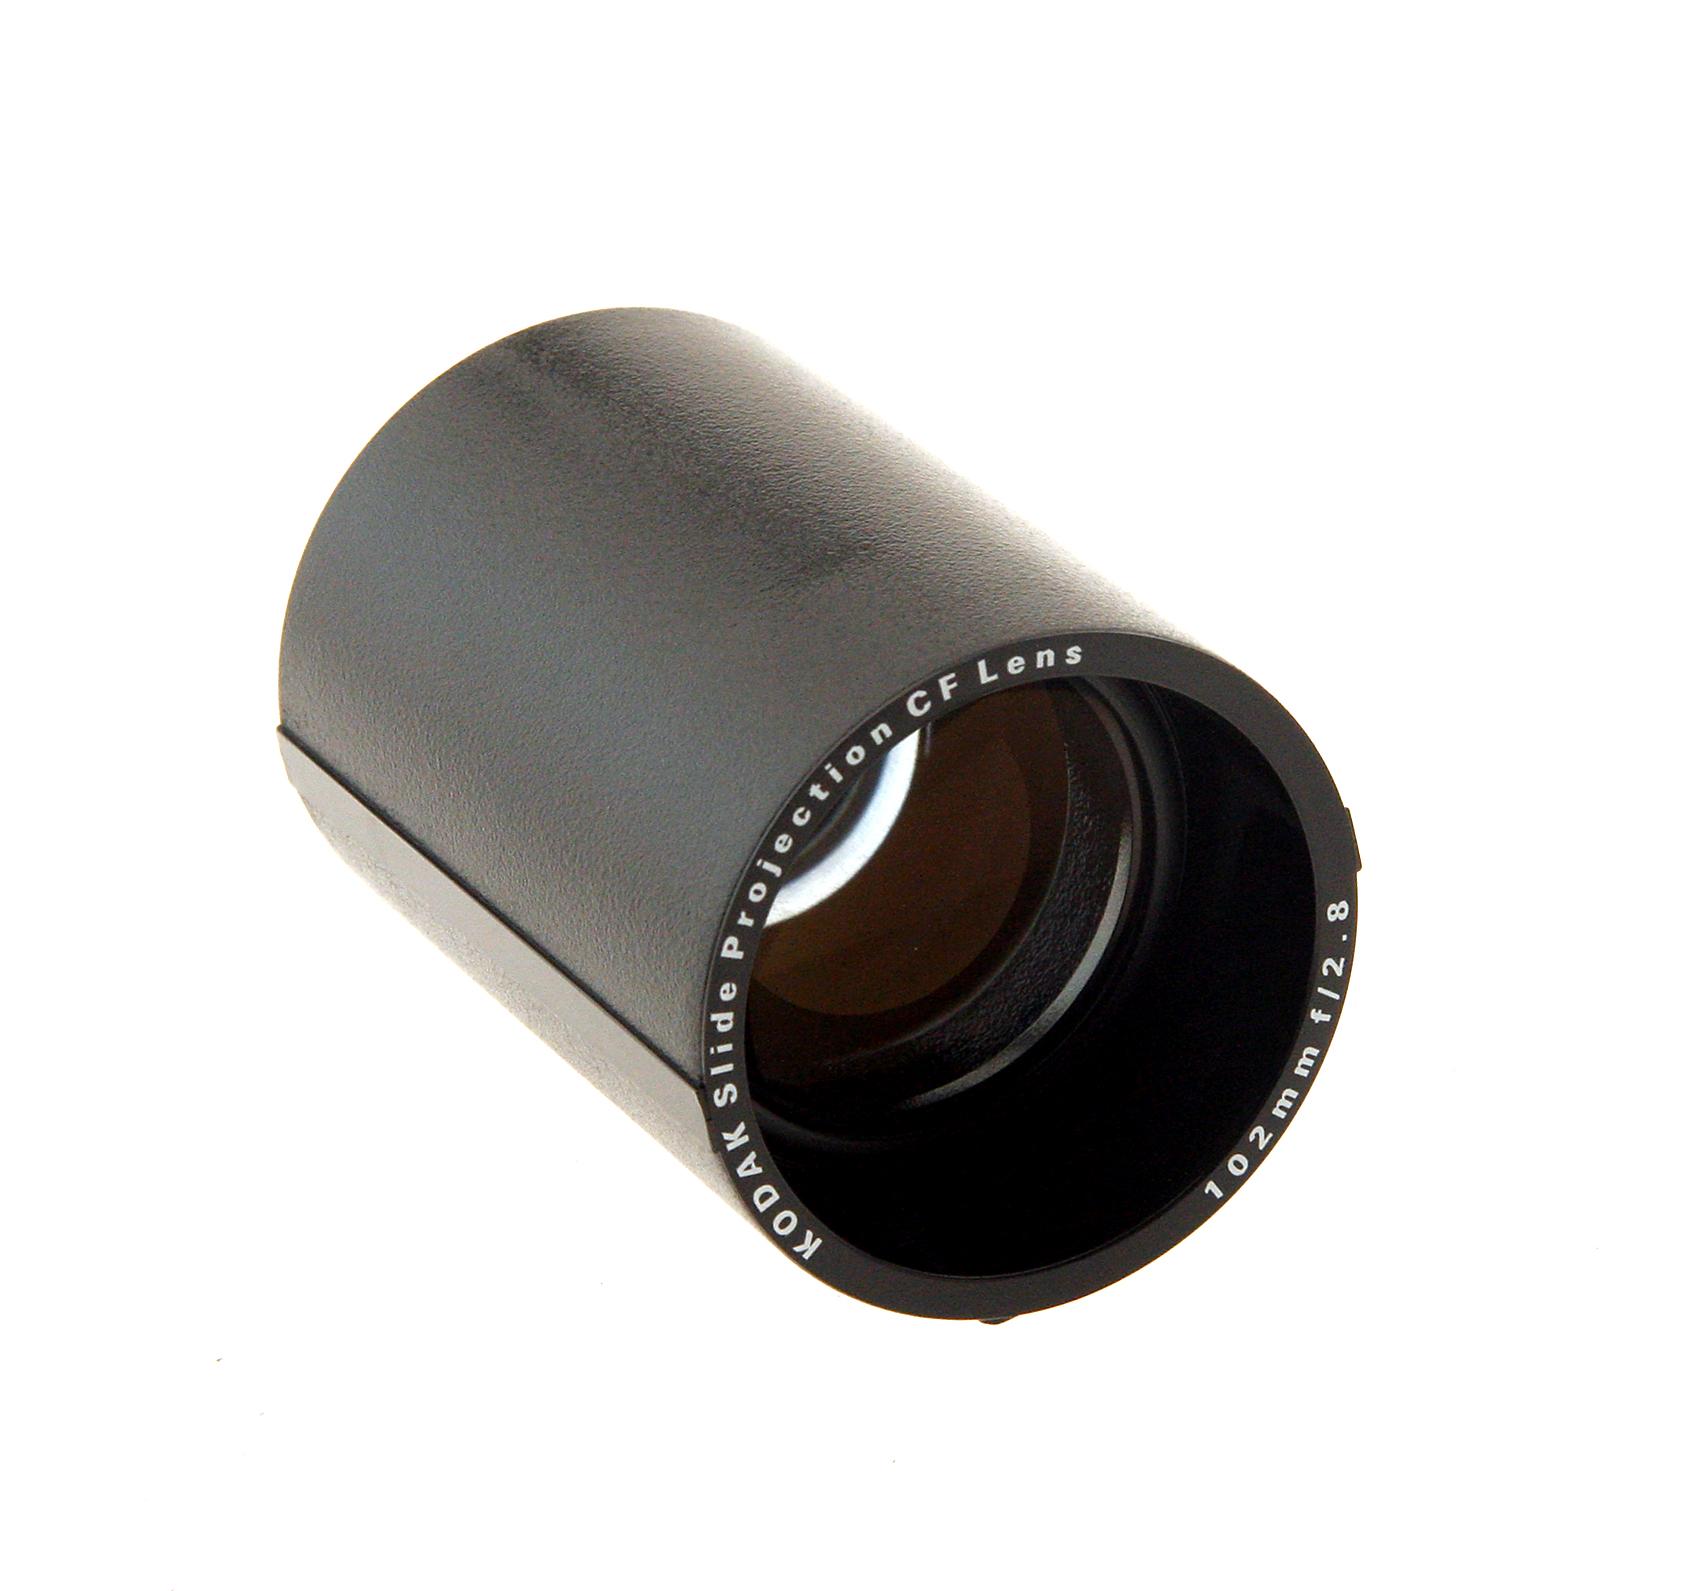 Slide Projection CF Lens  102 mm f/2.8